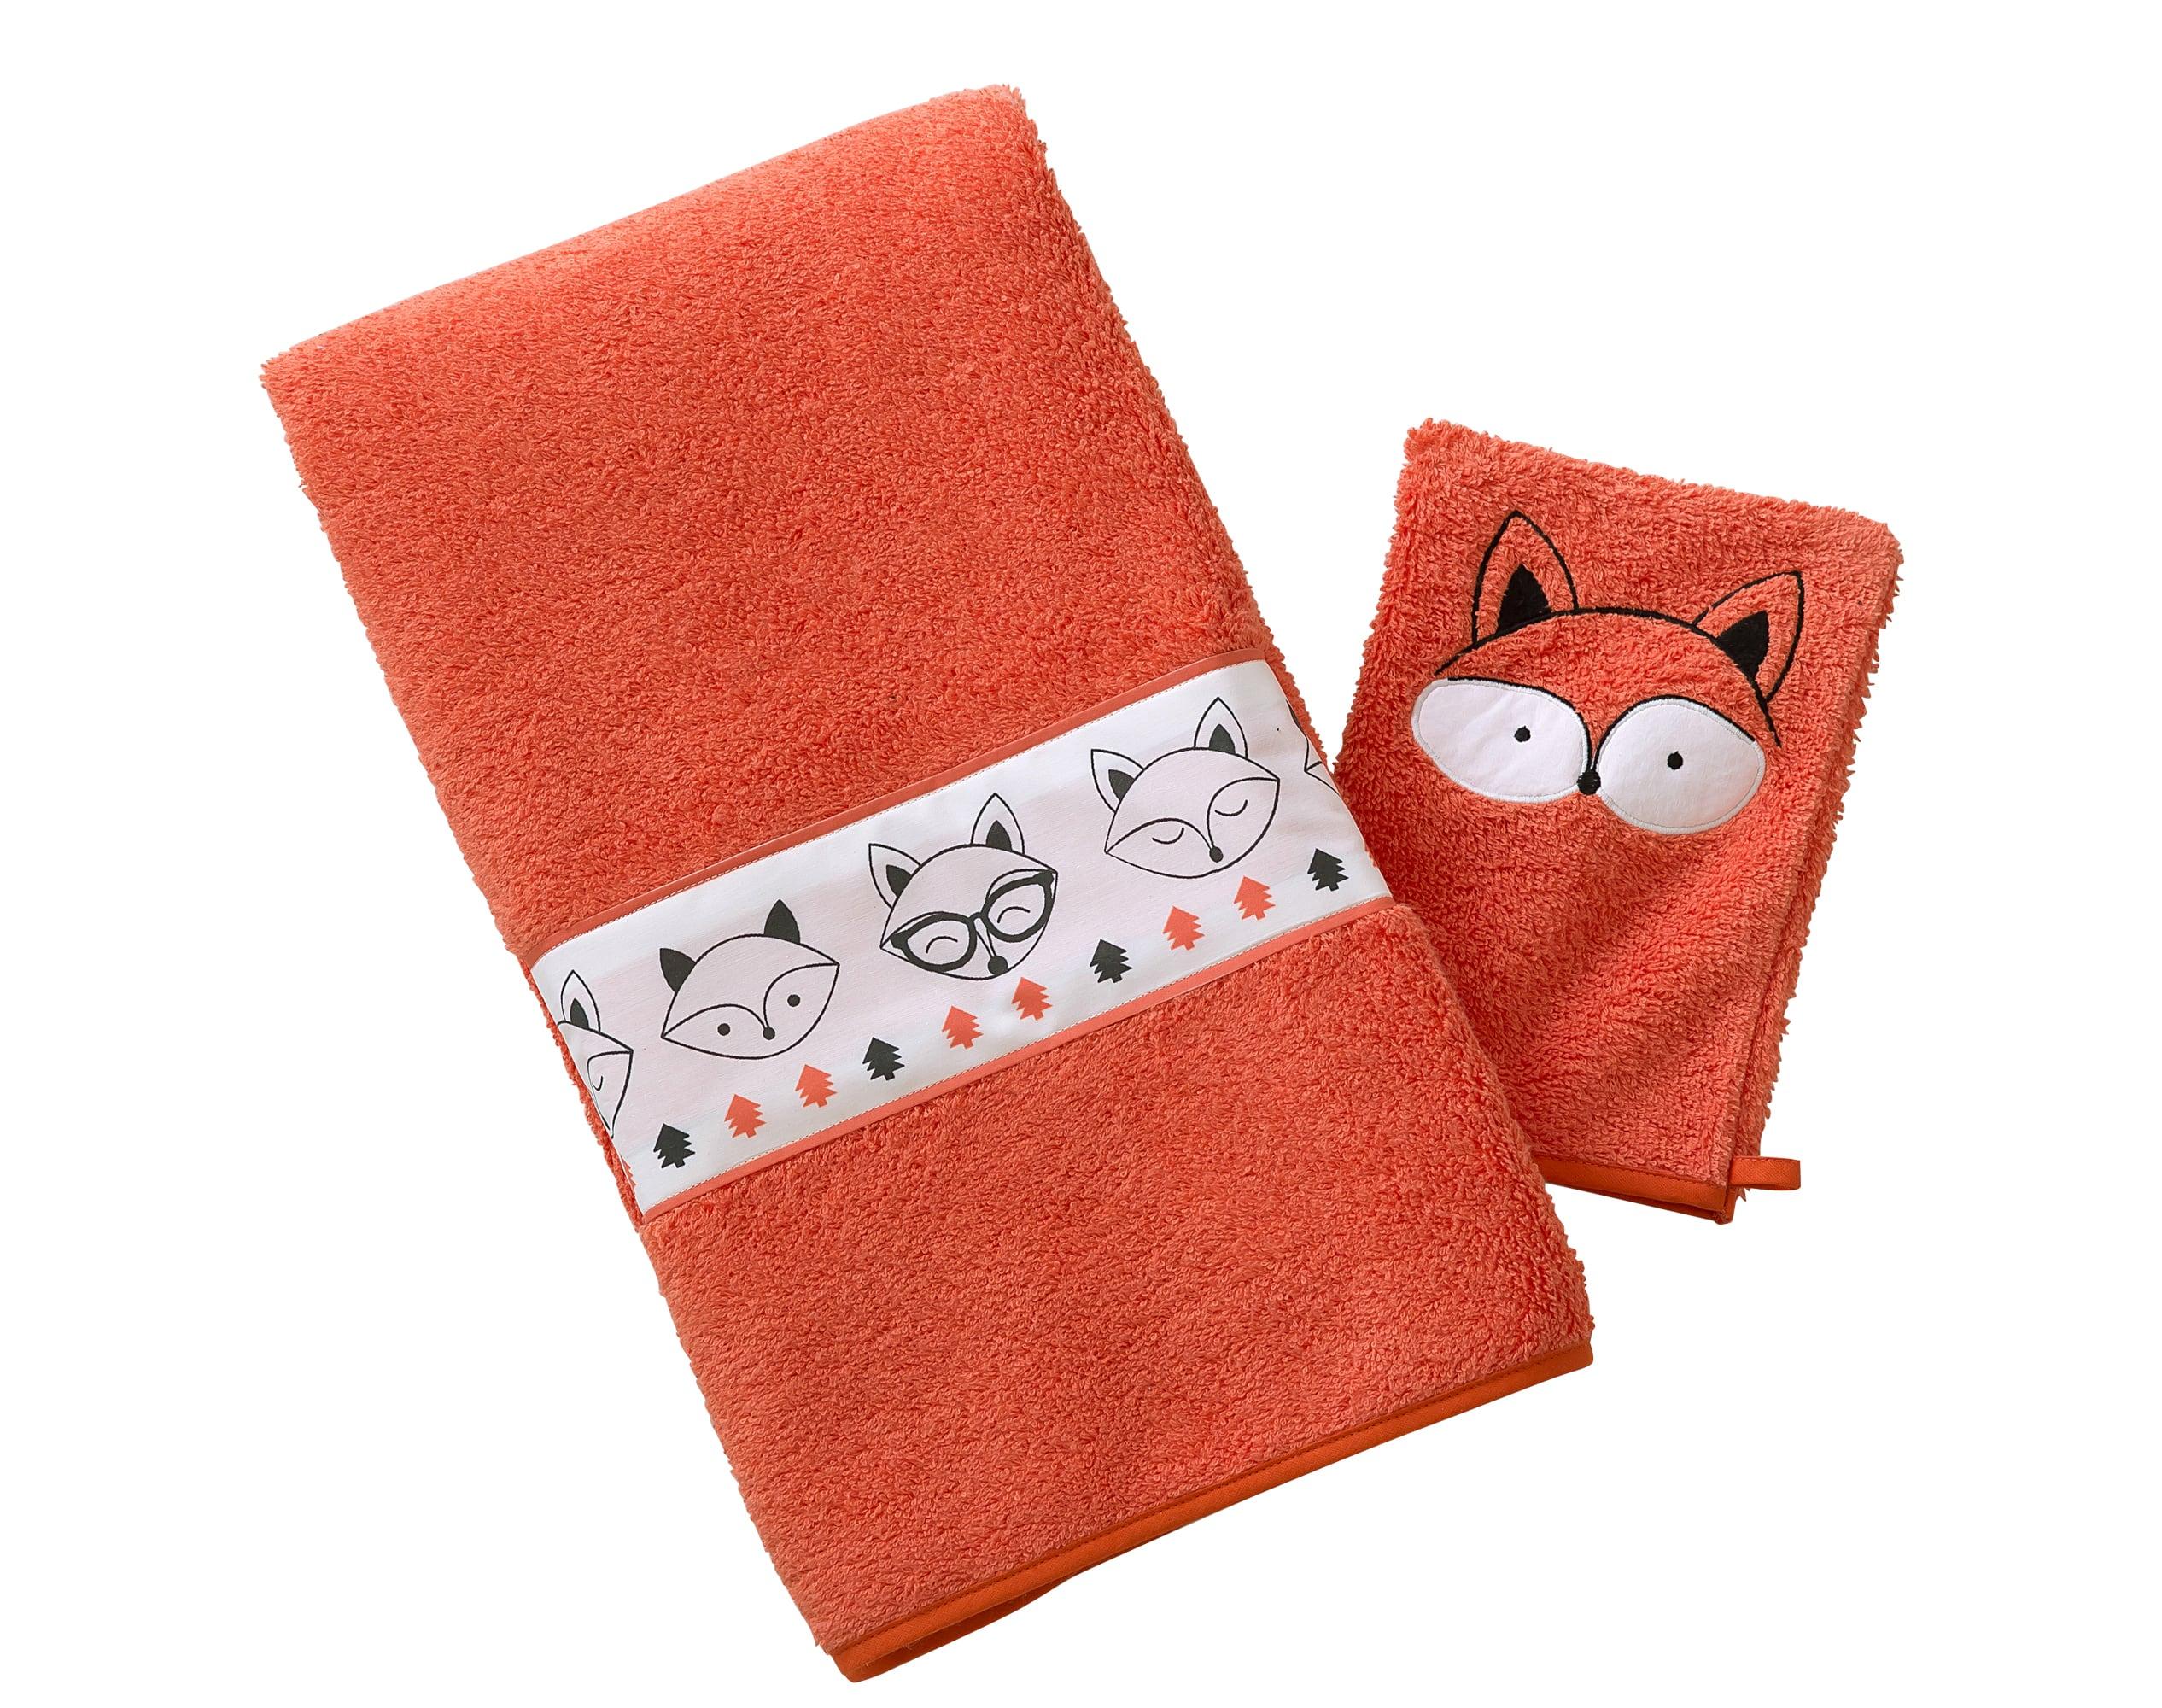 Lot serviette de bain enfant et gant de toilette orange 50x90 en coton